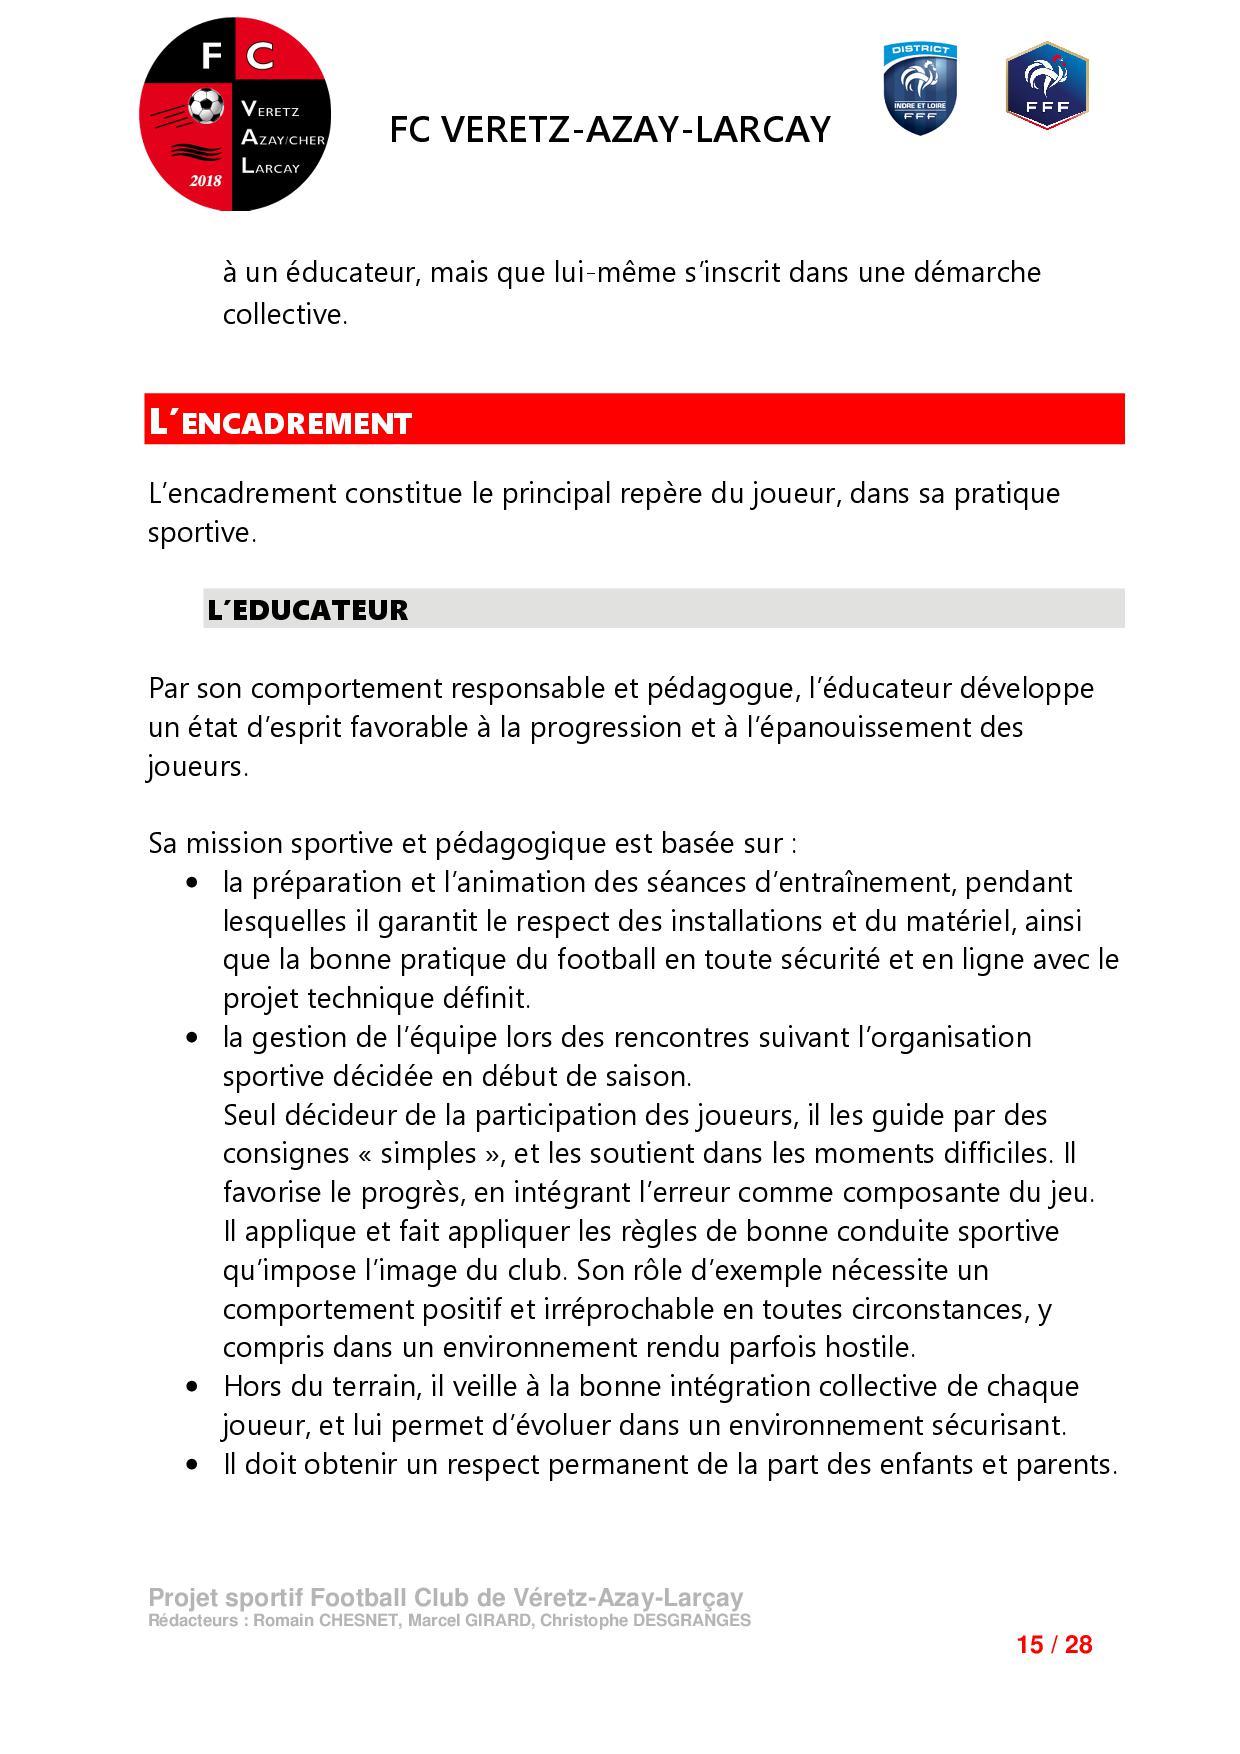 projet_sportif_2017-202015.jpg